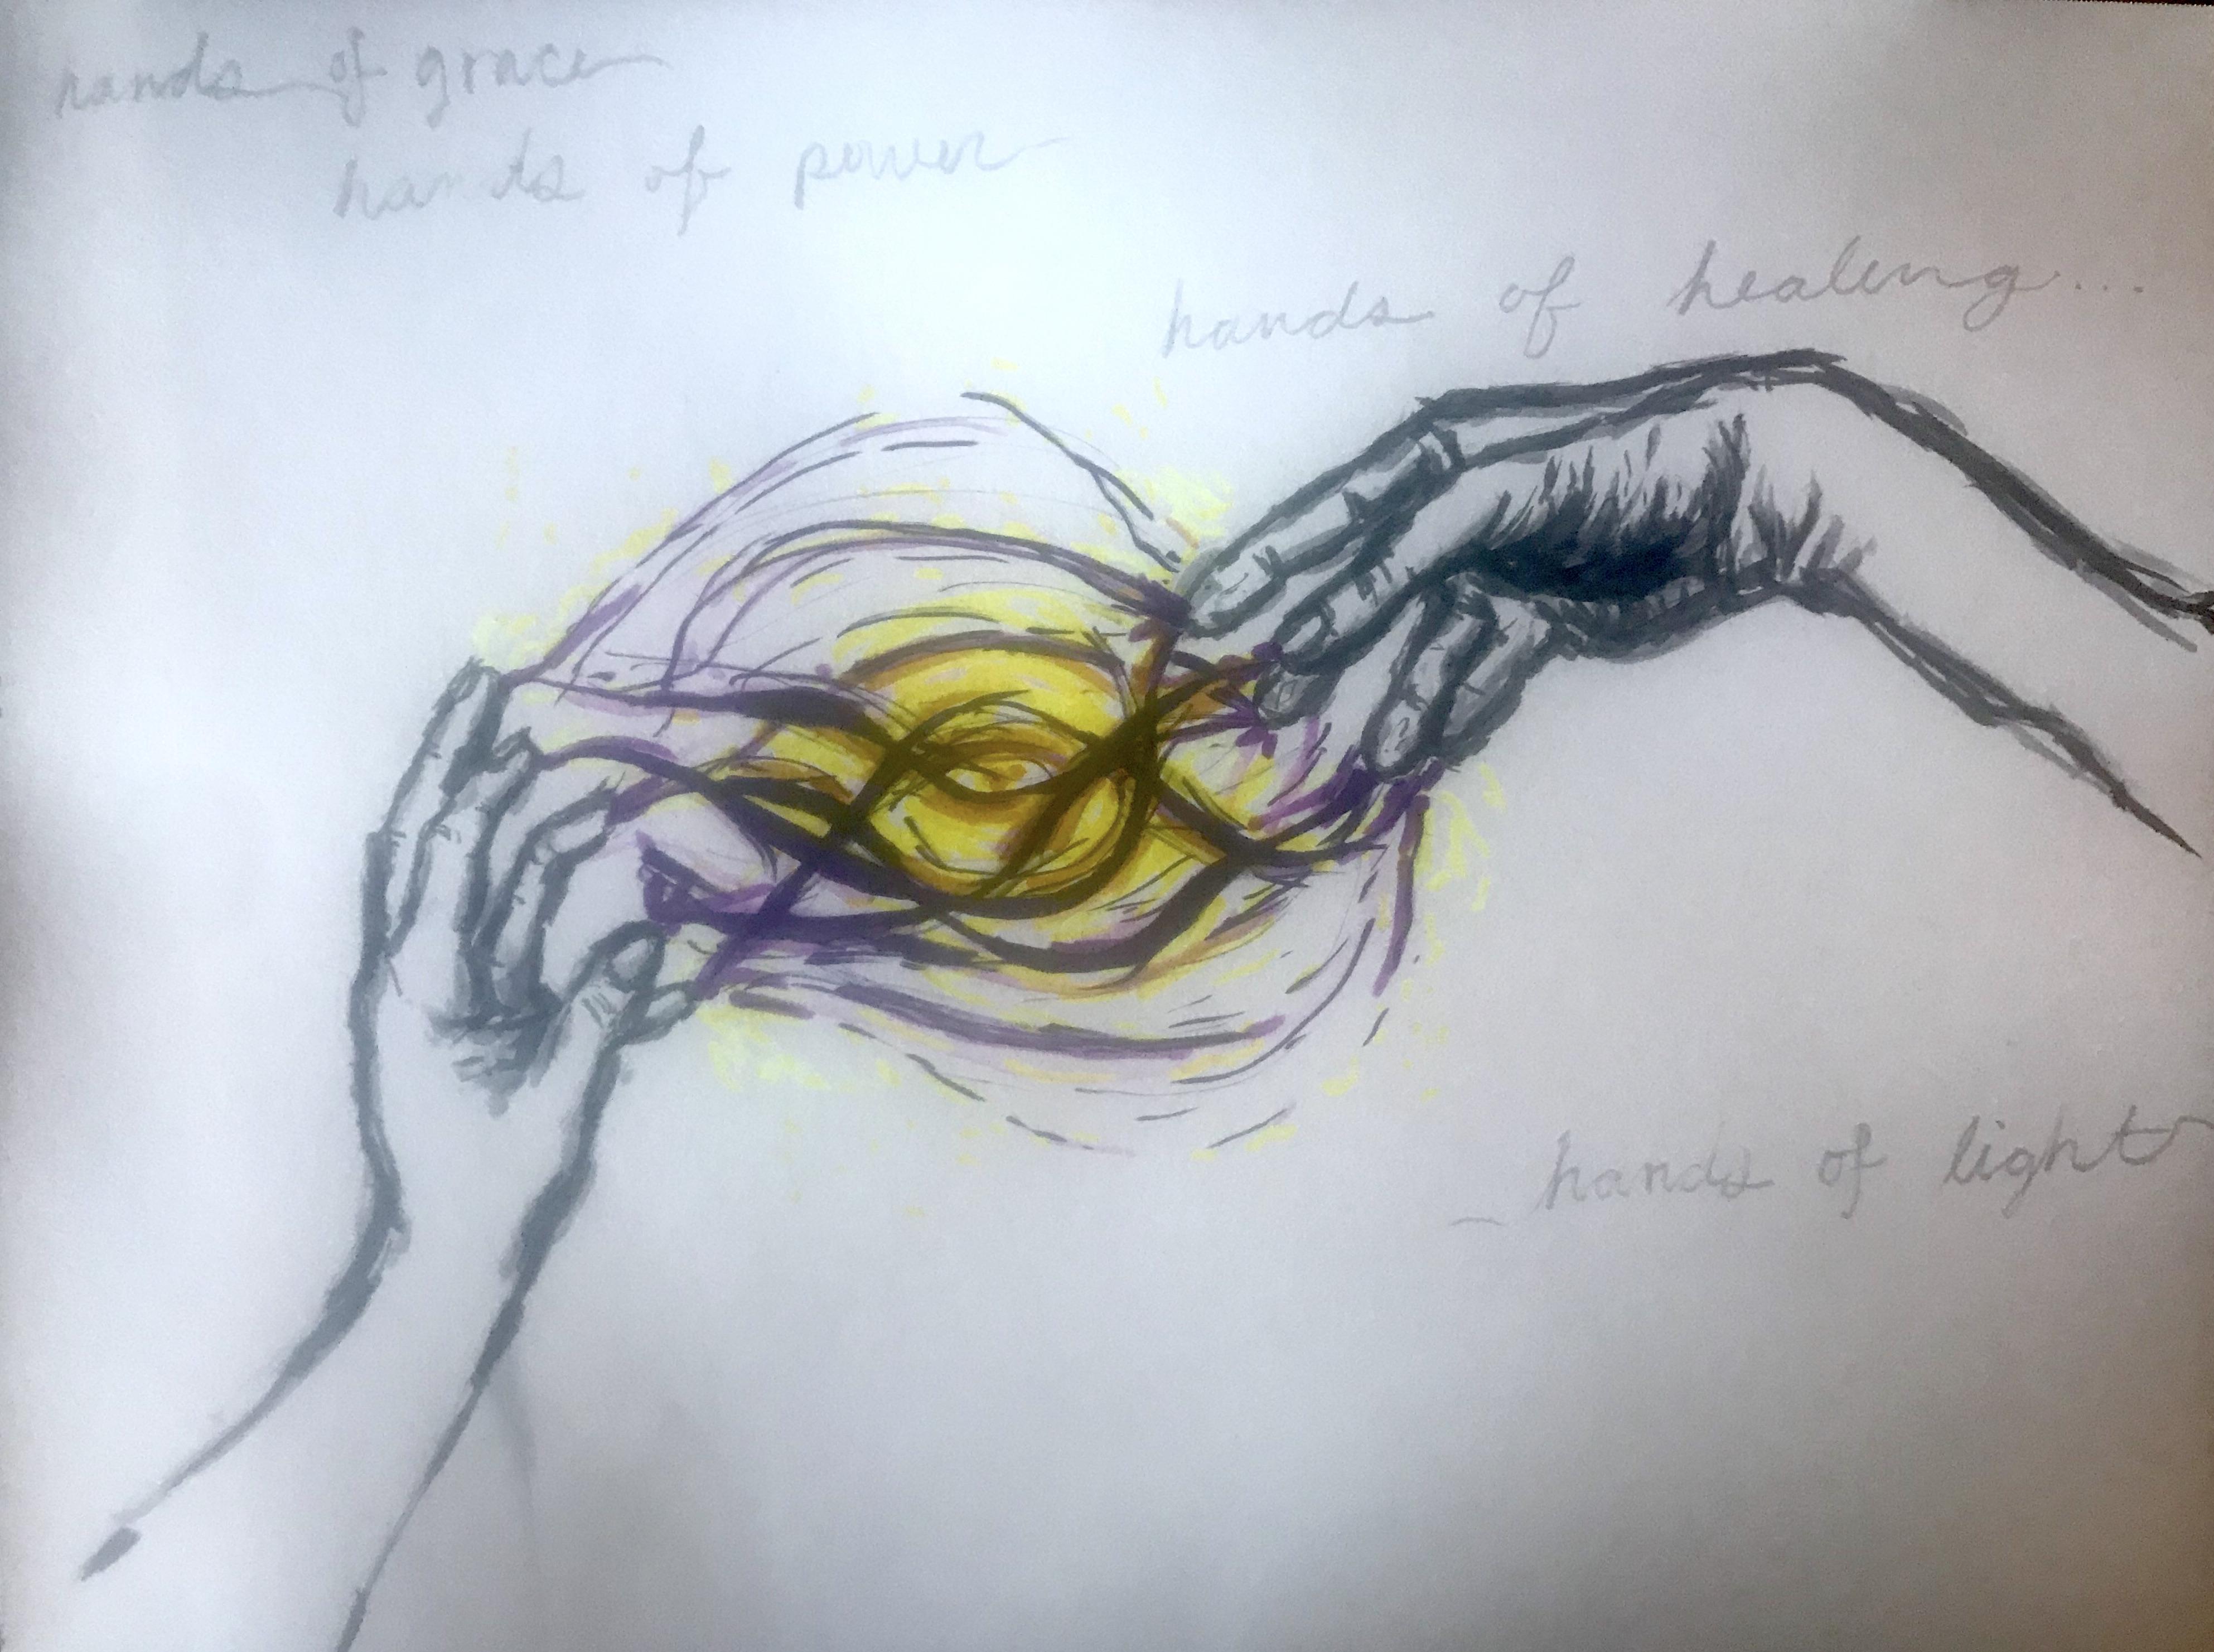 hands of